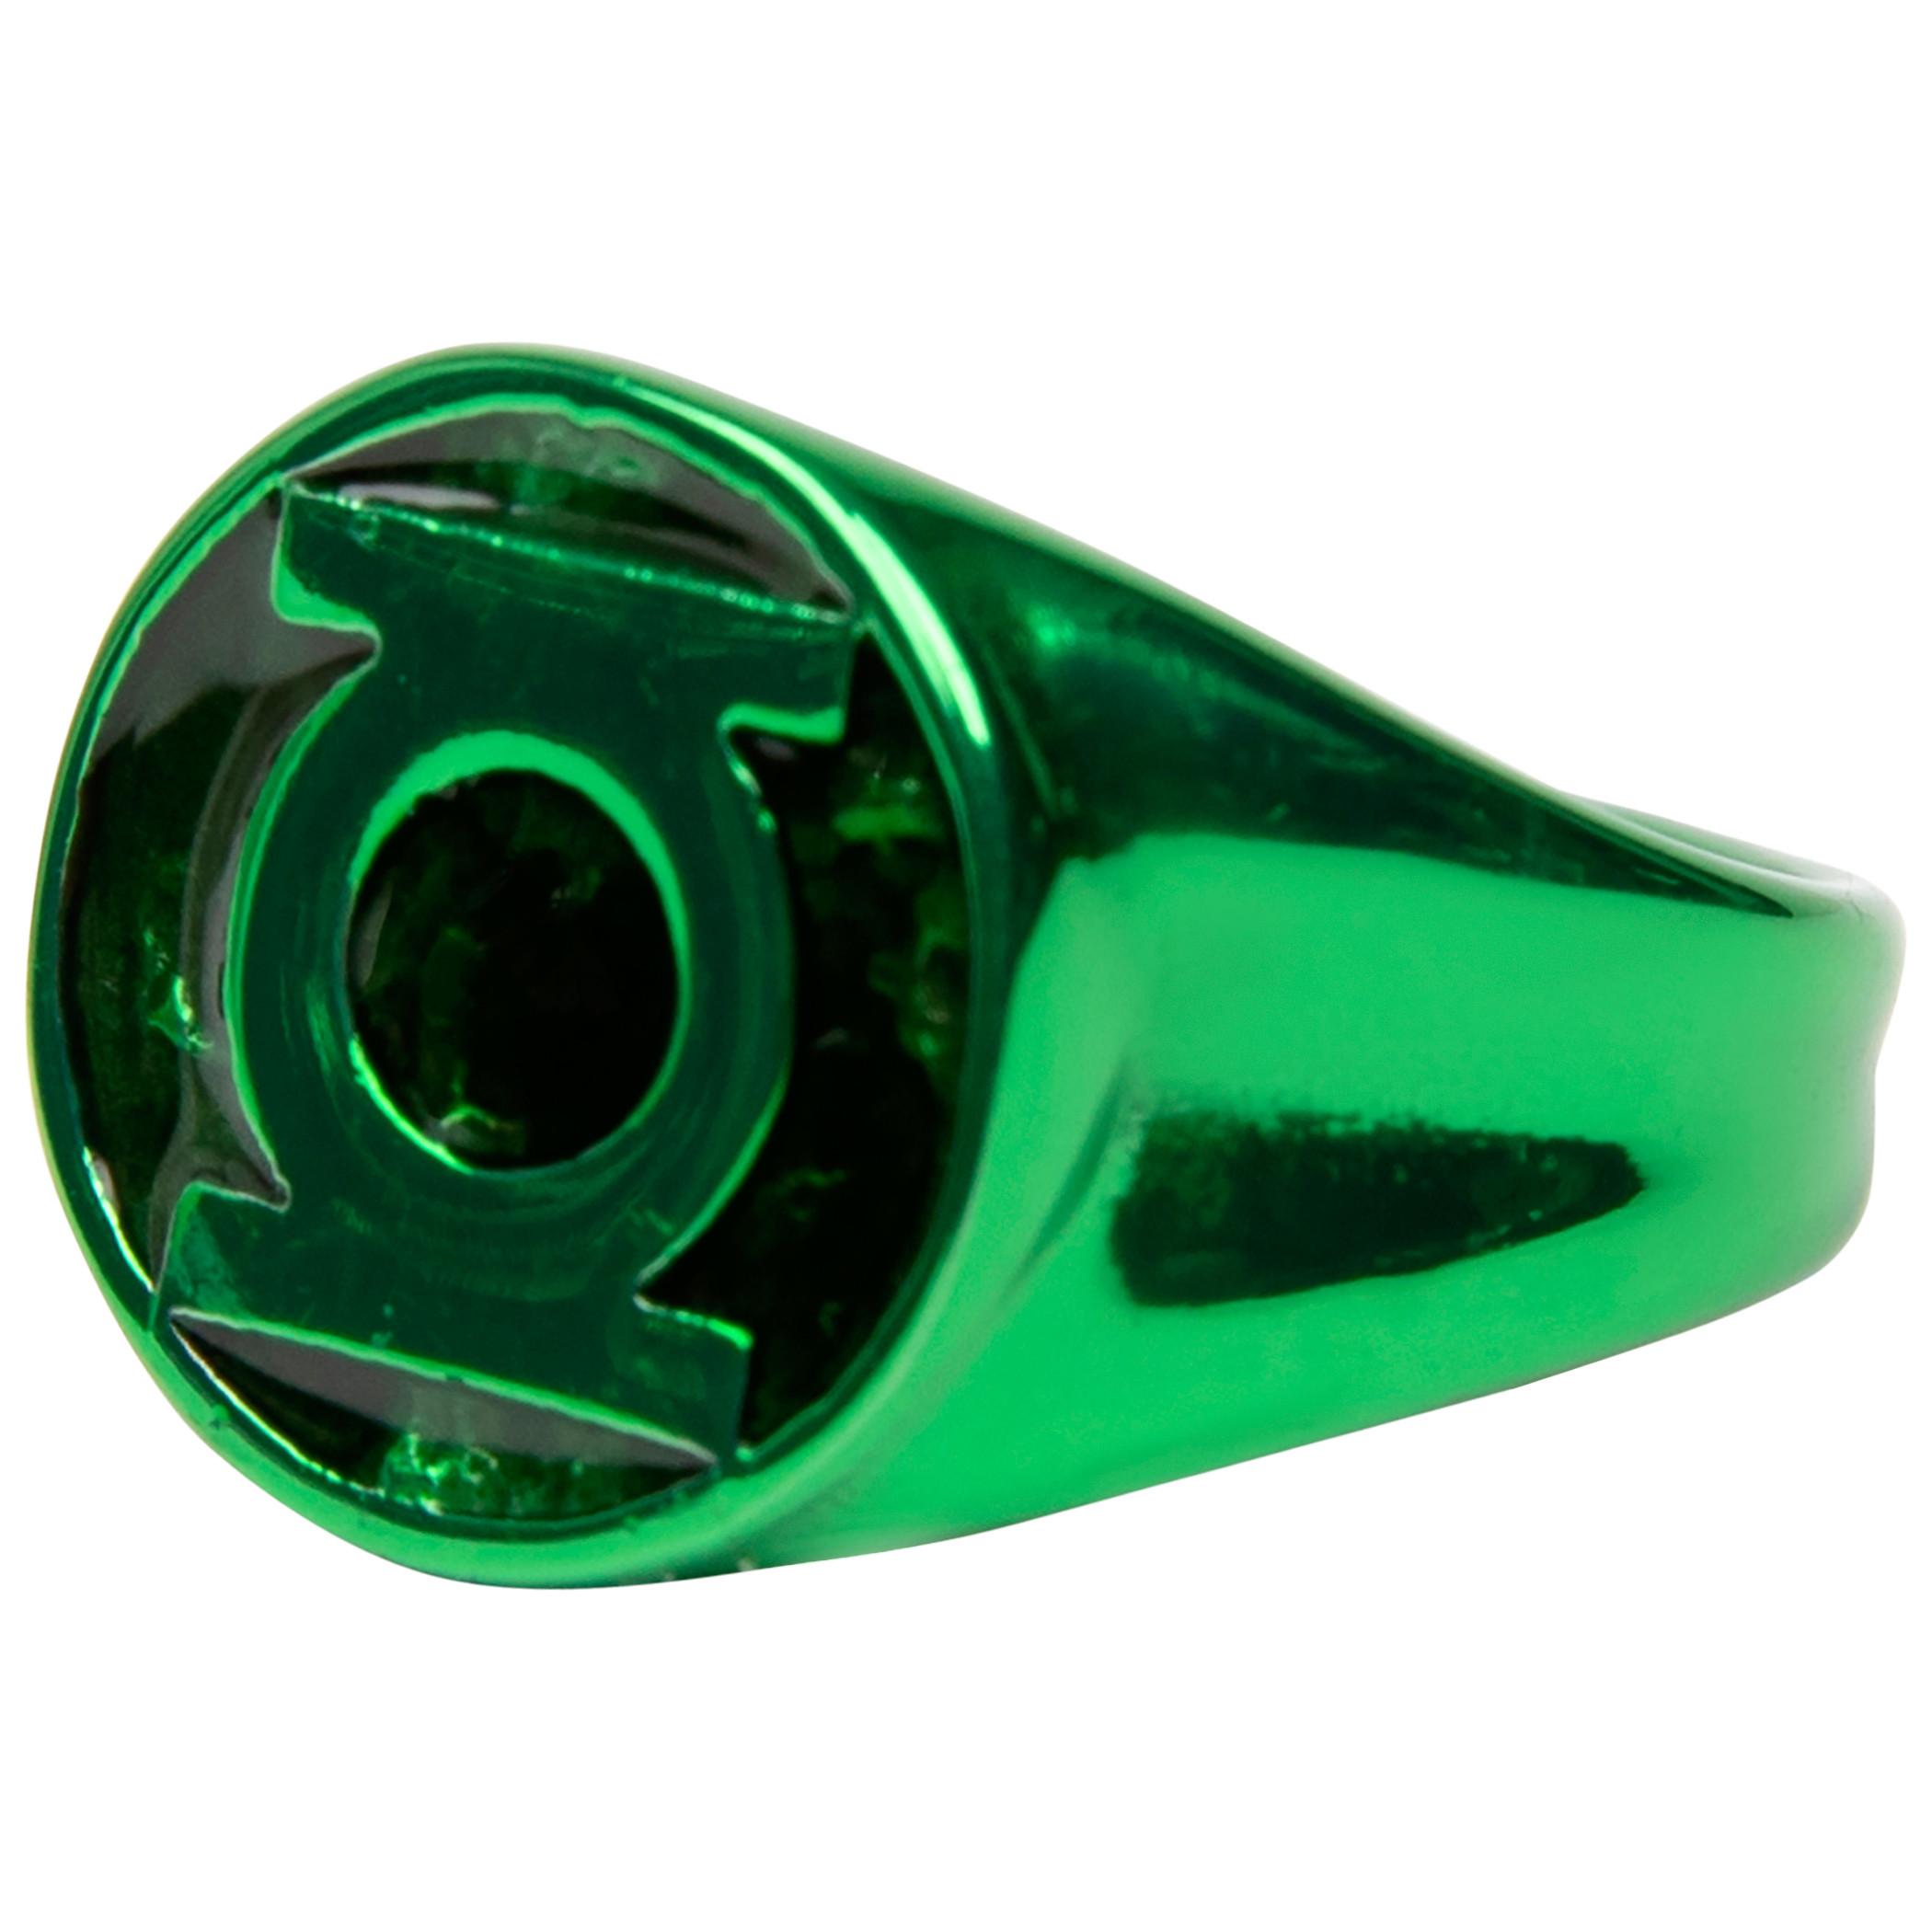 Green Lantern Green Power Ring